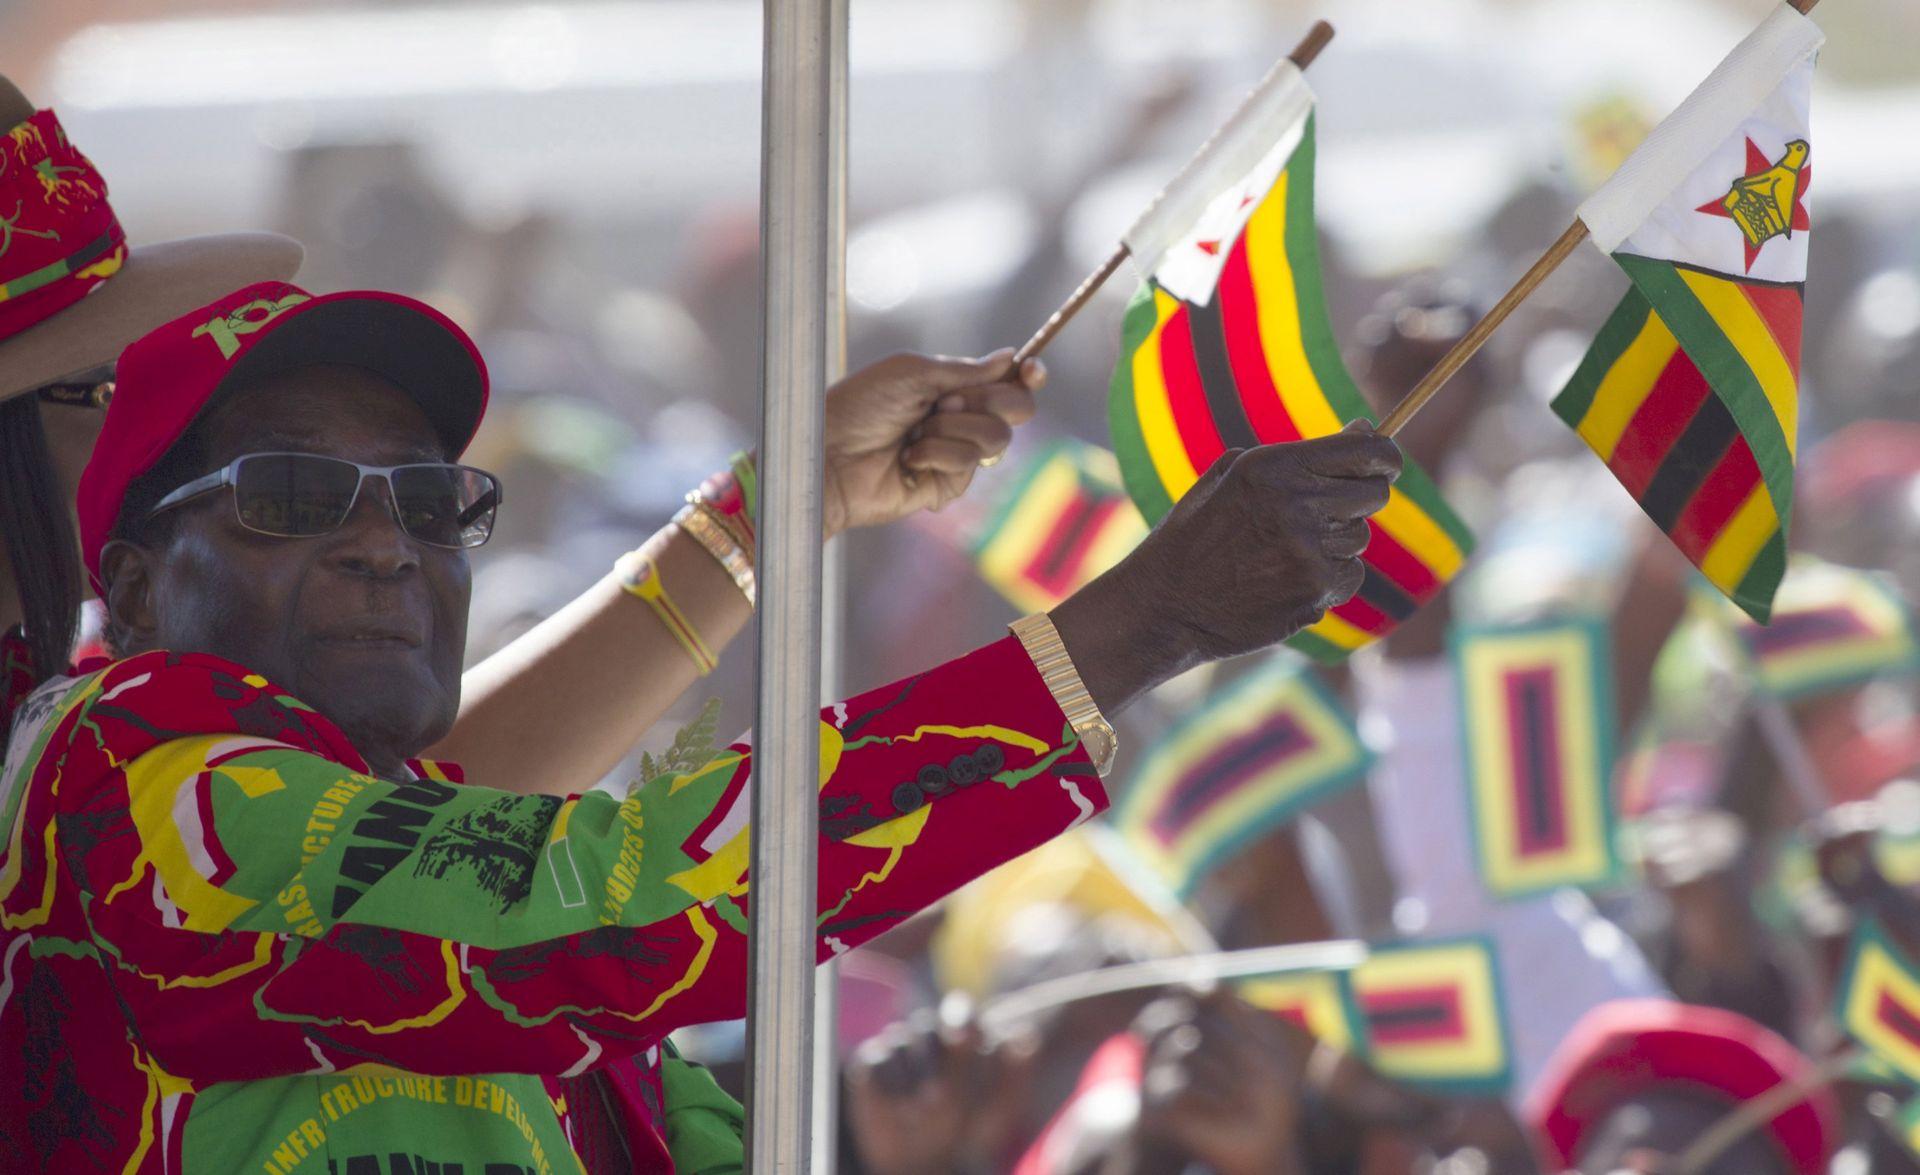 Sjedinjene Države zabrinute zbog nepravilnosti na predsjedničkim izborima u Ruandi